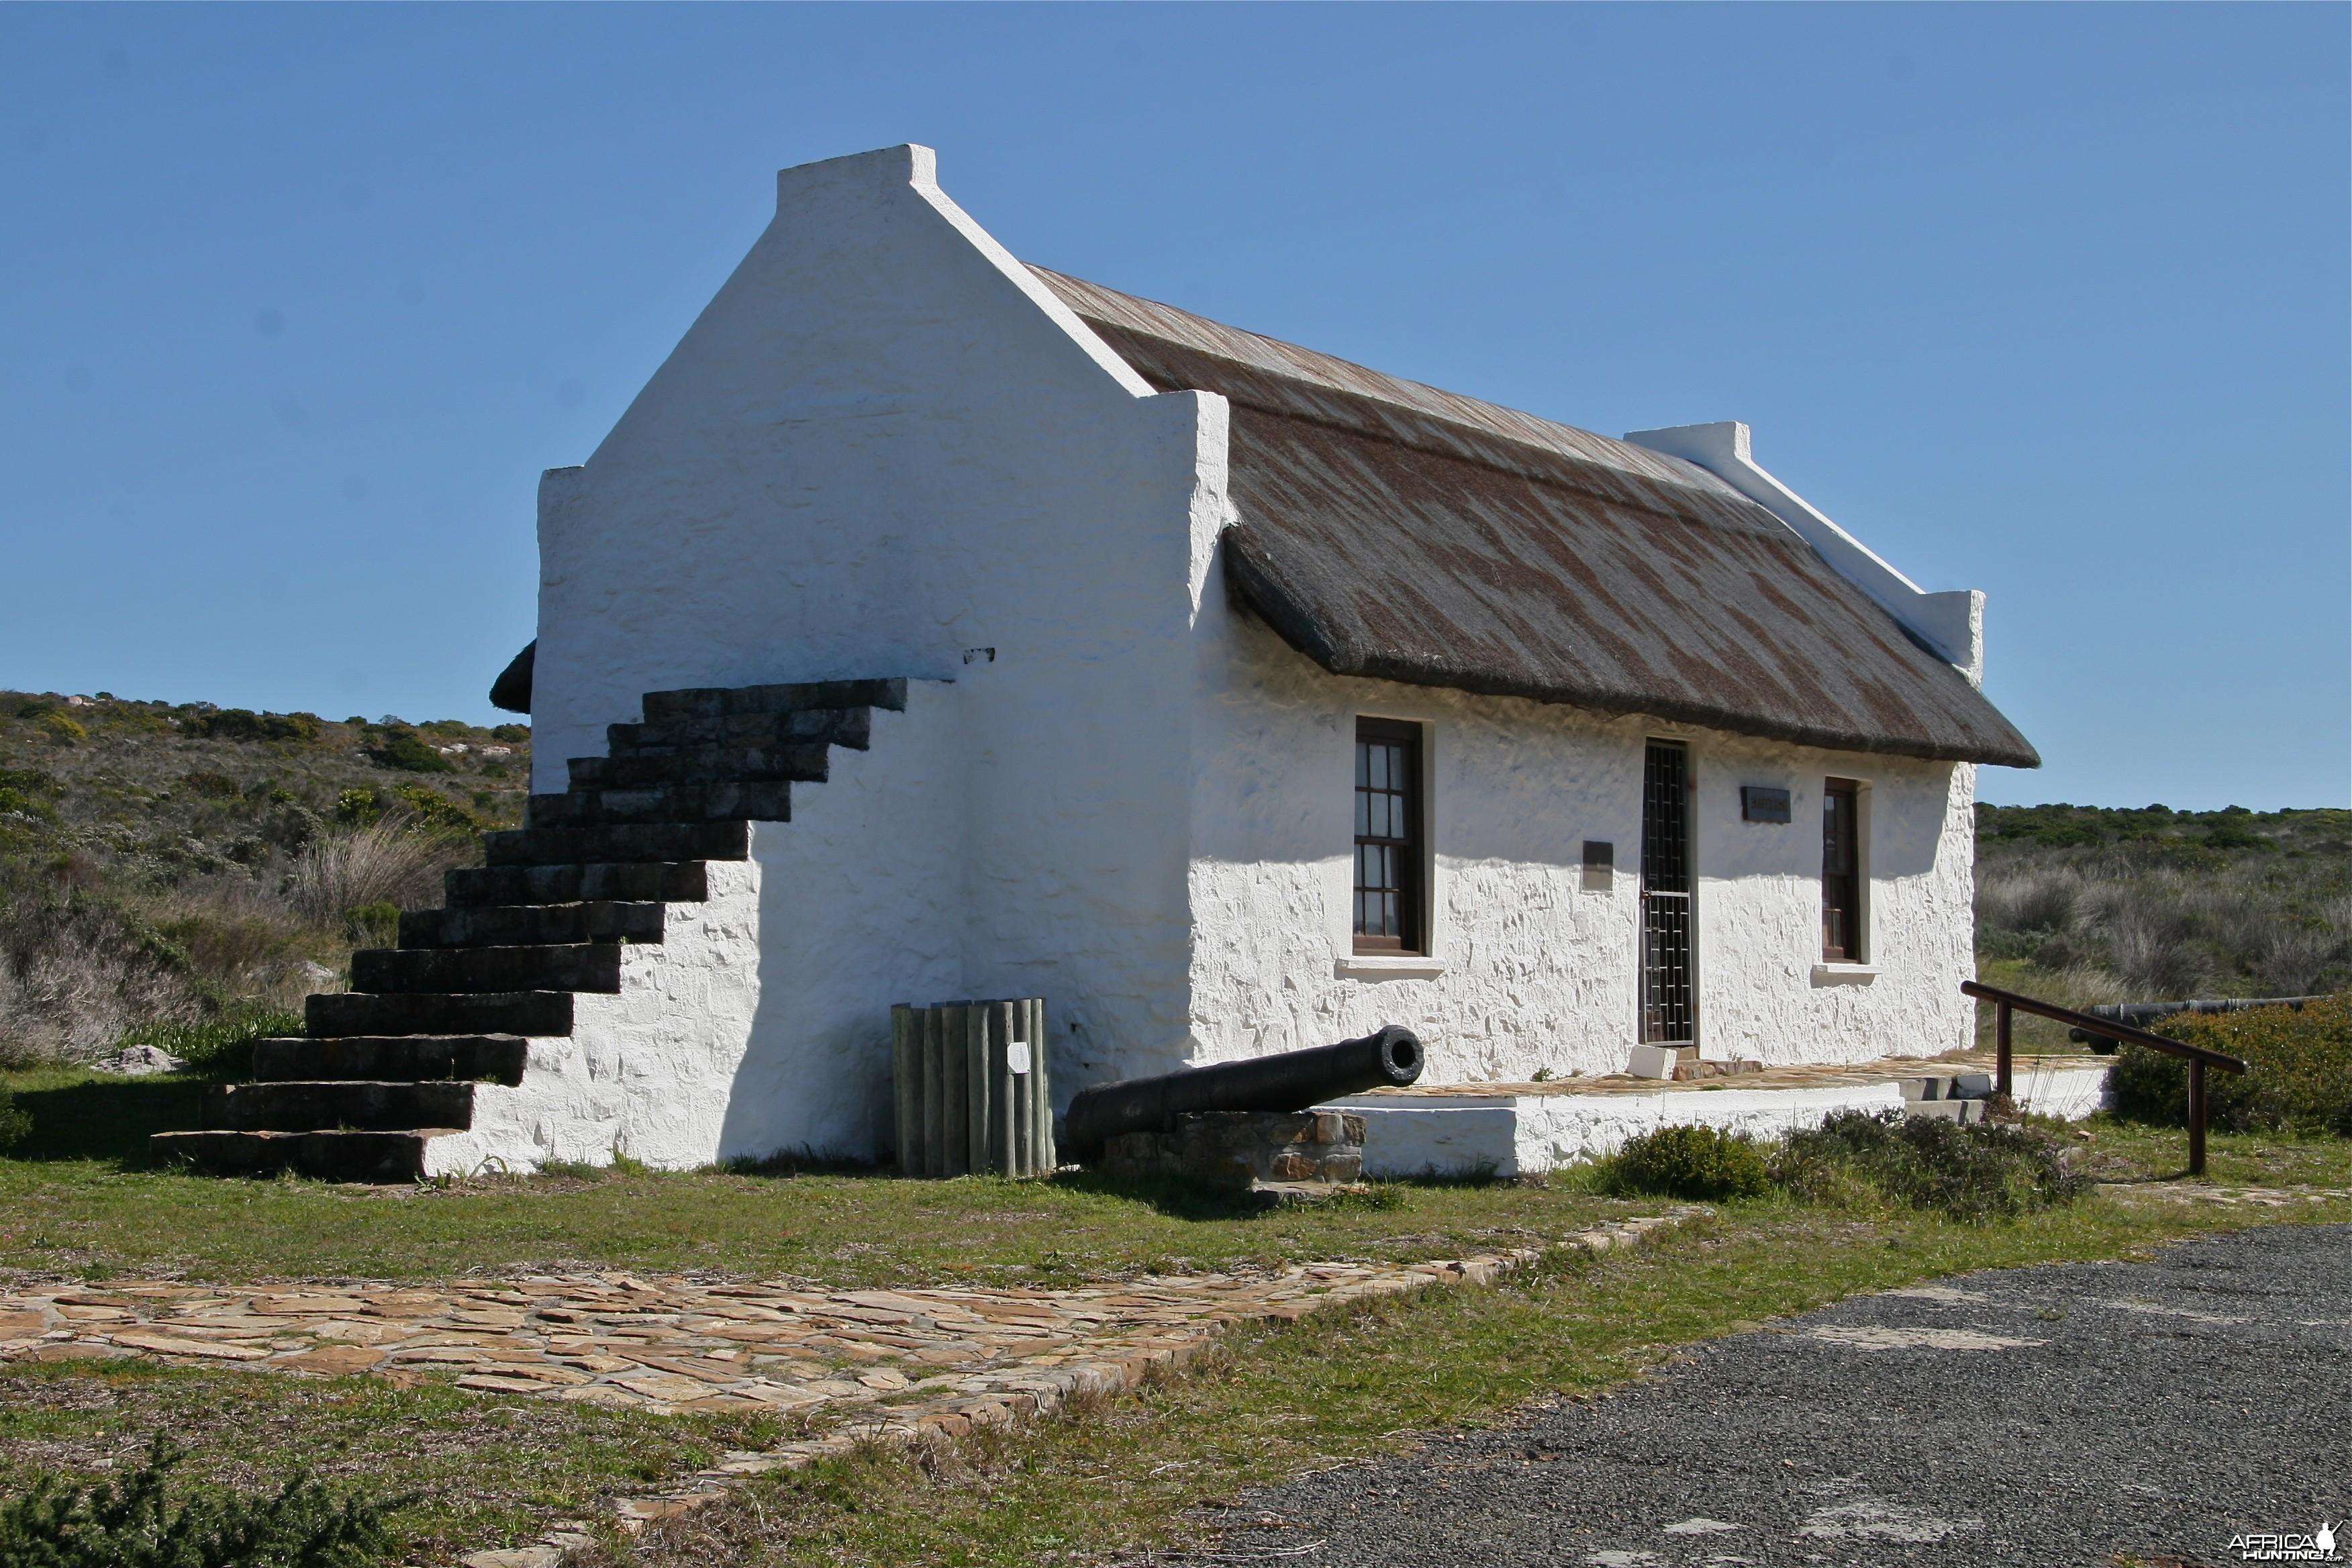 Cape Architecture